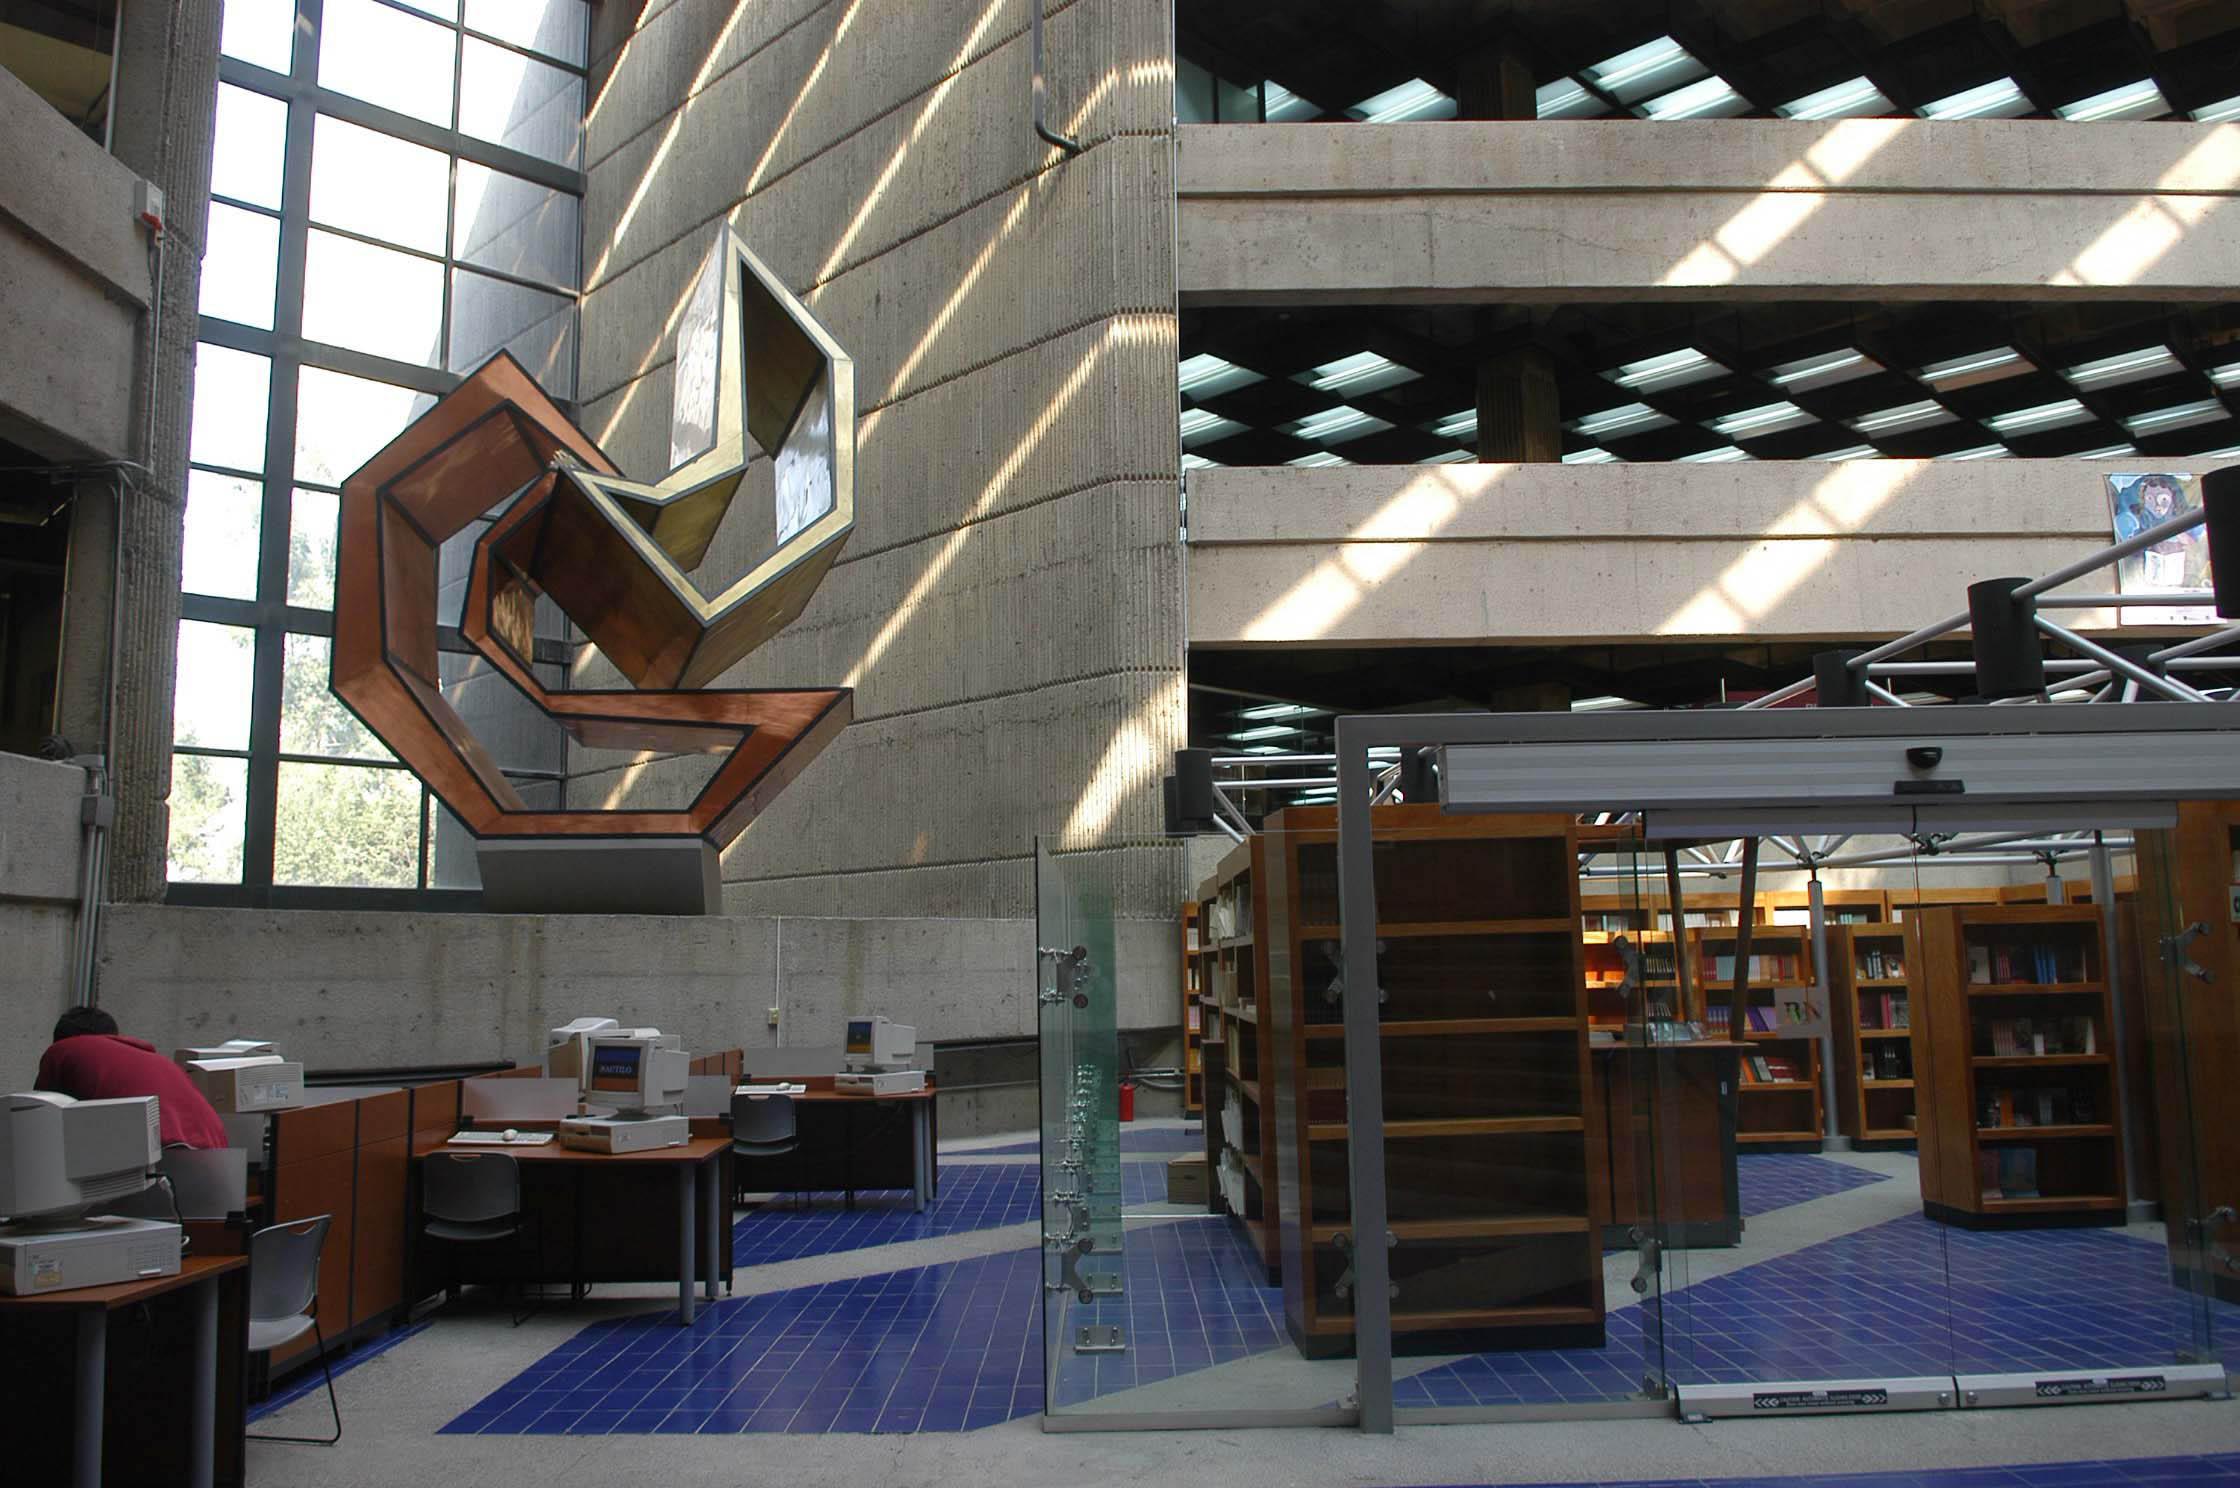 ... Biblioteca Nacional de México 85 años bajo custodia de la UNAM